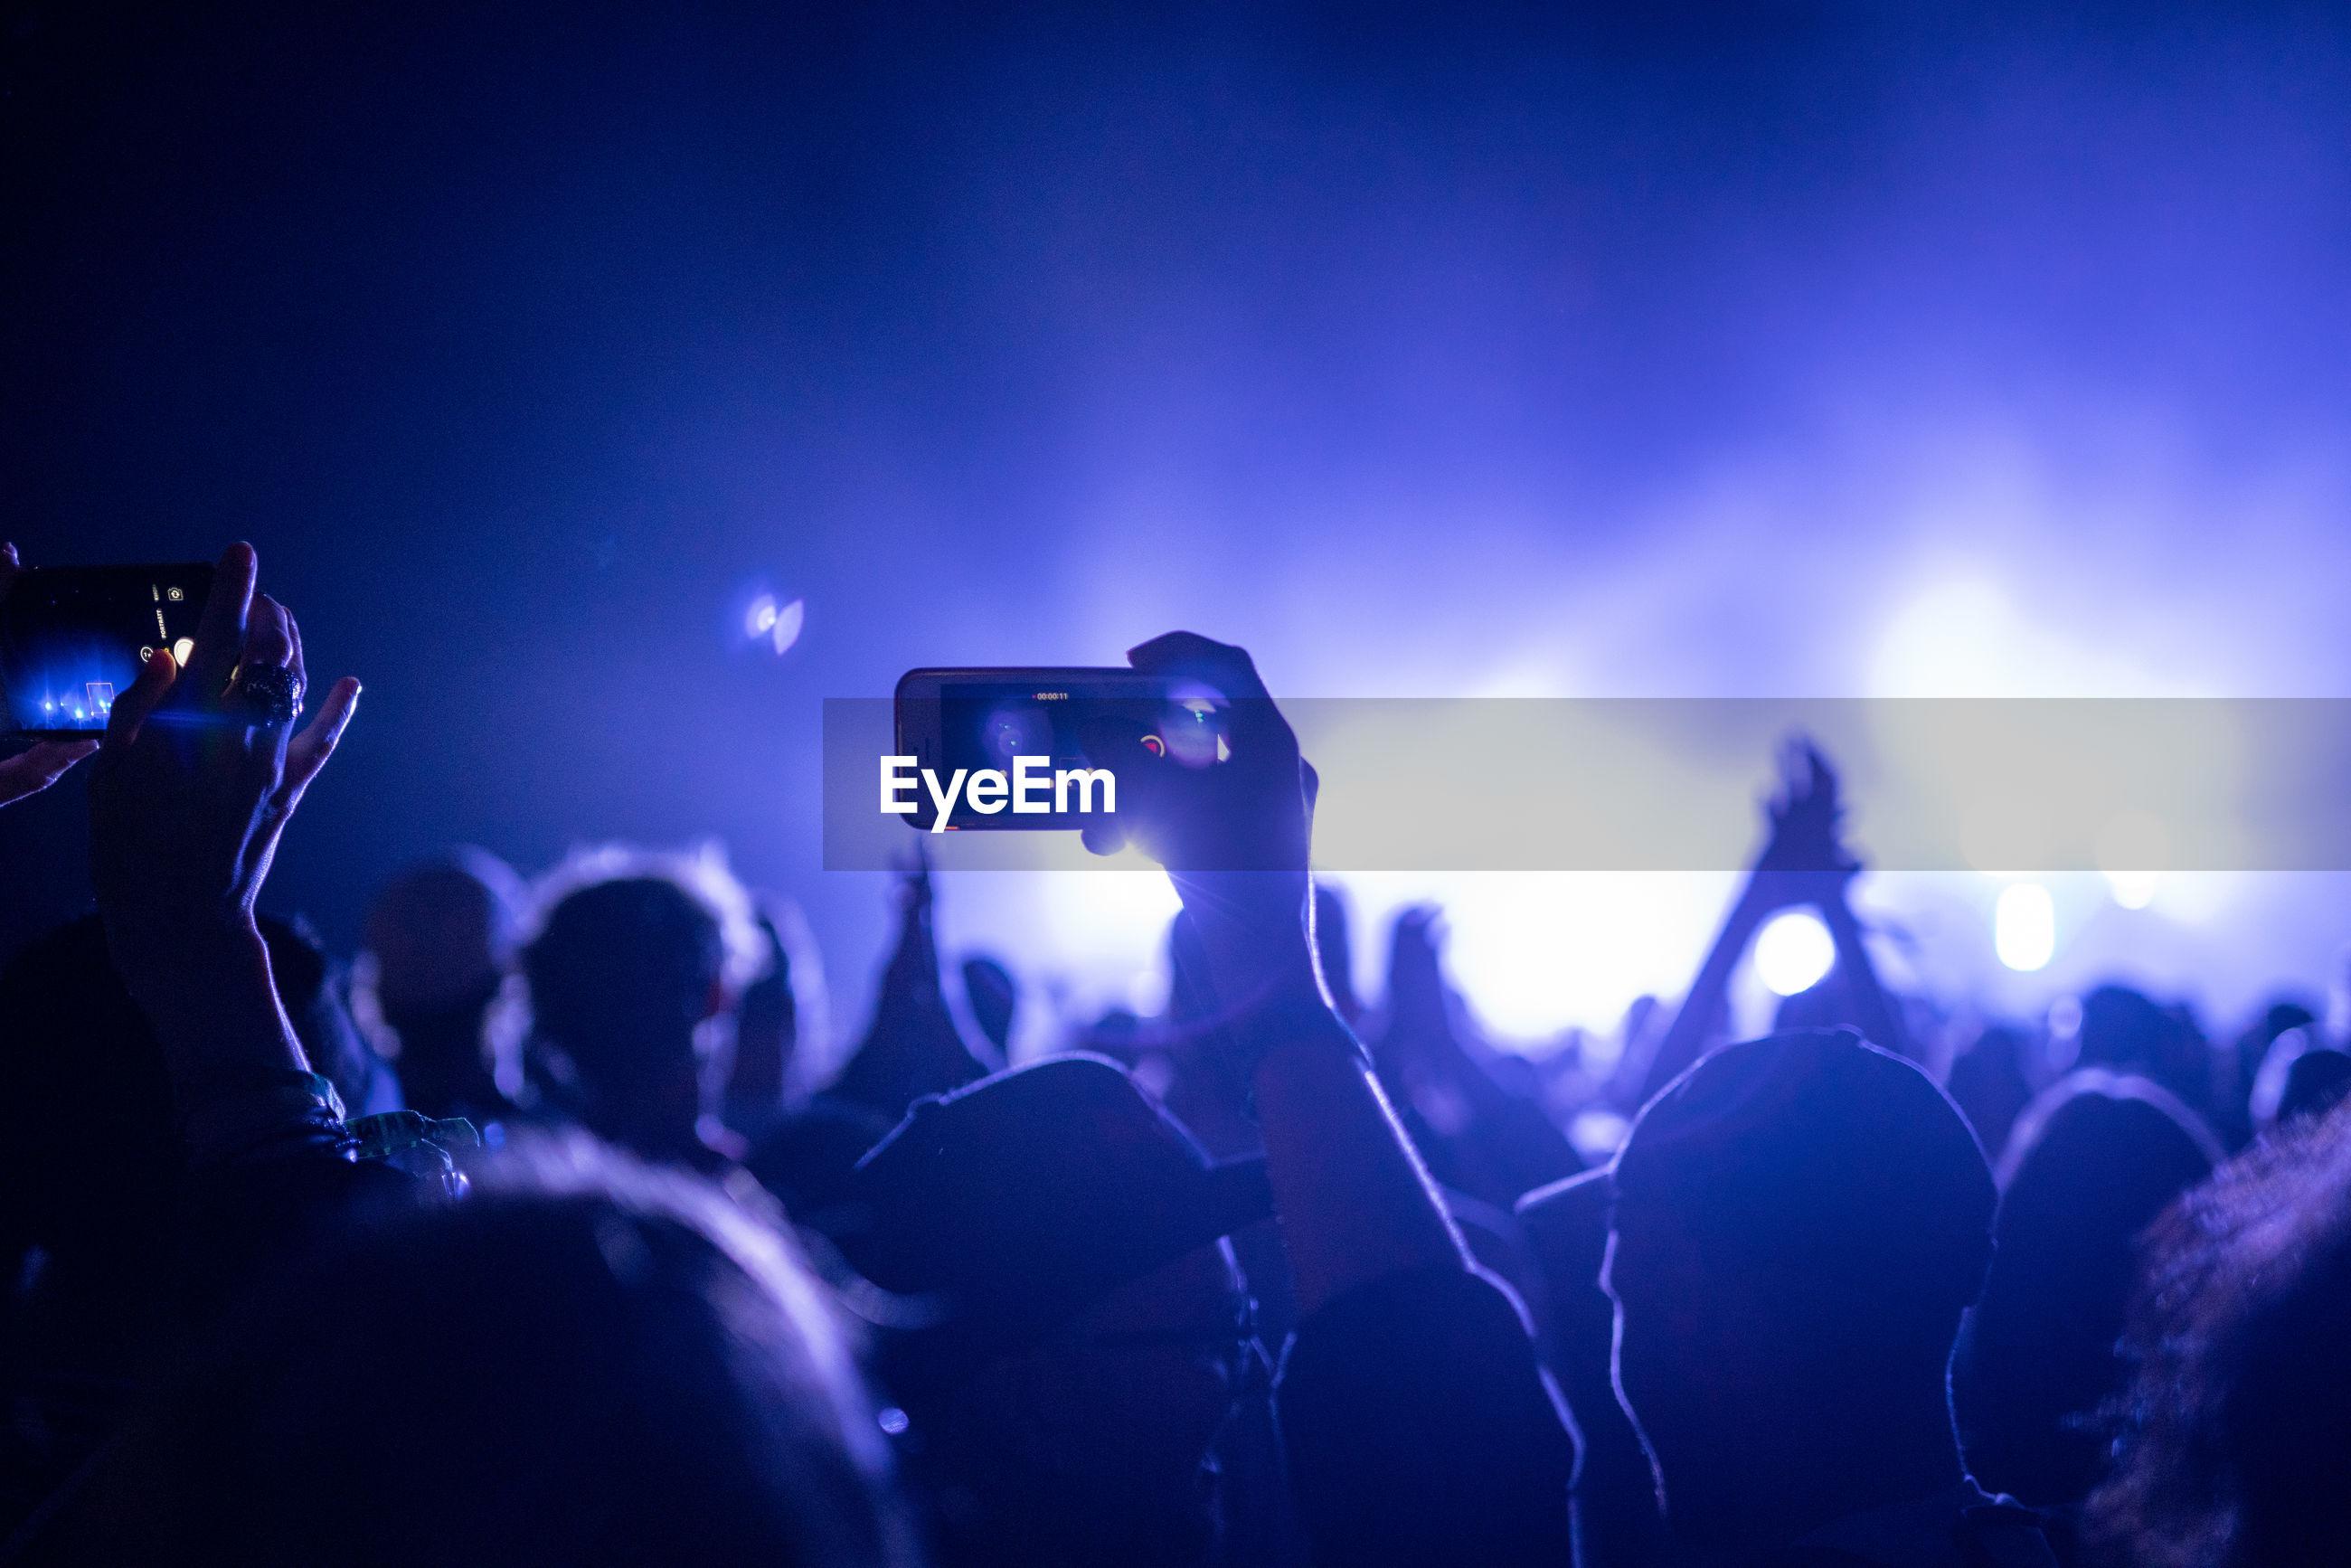 People enjoying music concert at night